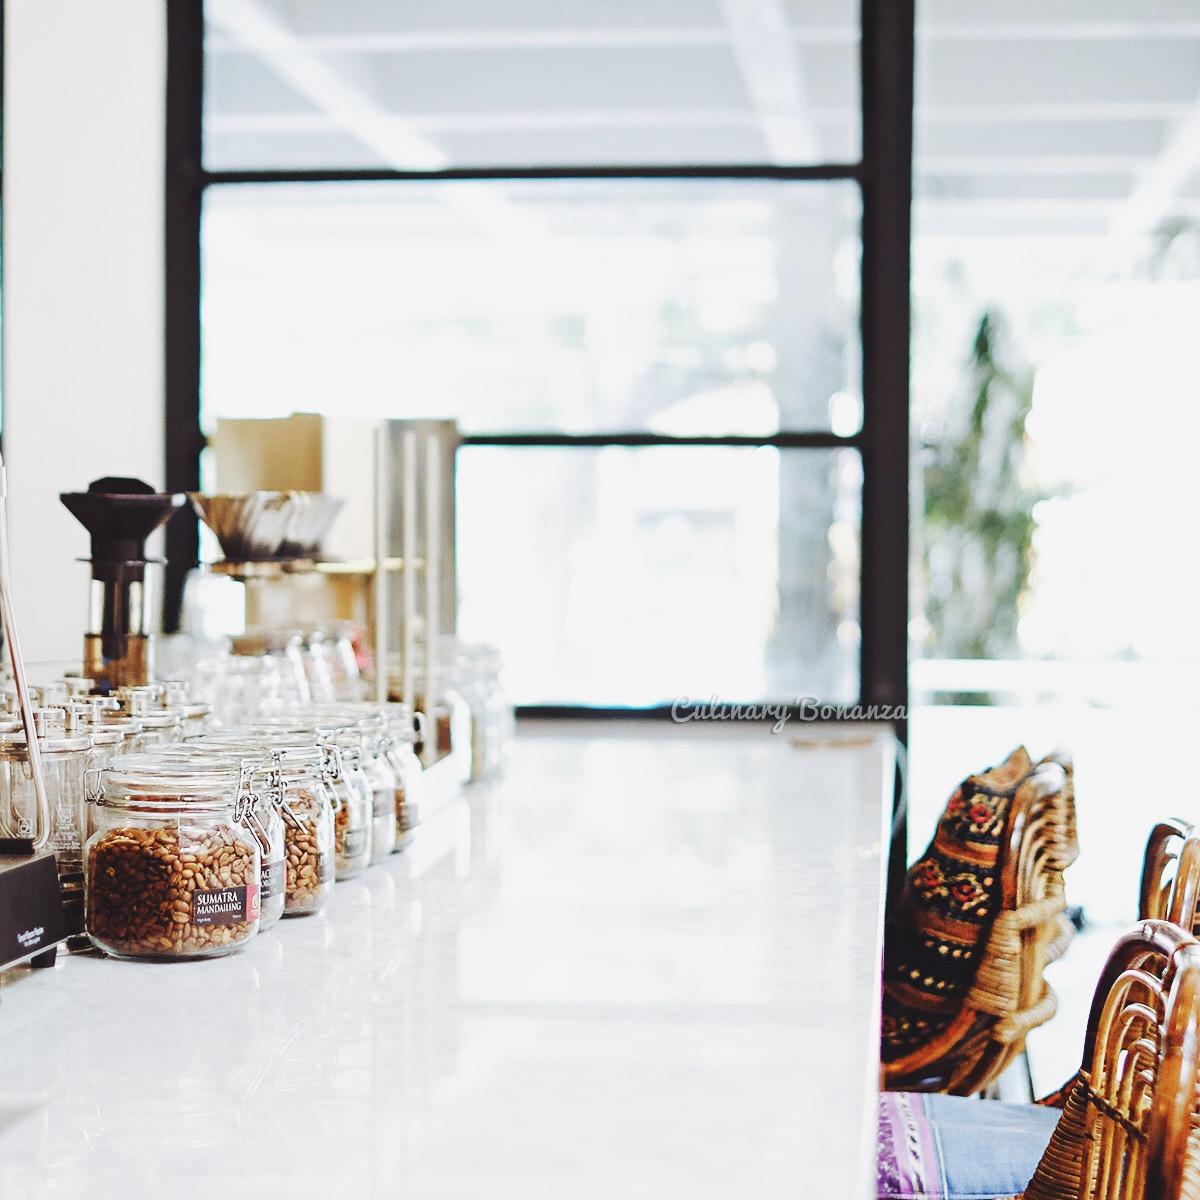 Anomali Coffee Menteng (www.culinarybonanza.com)